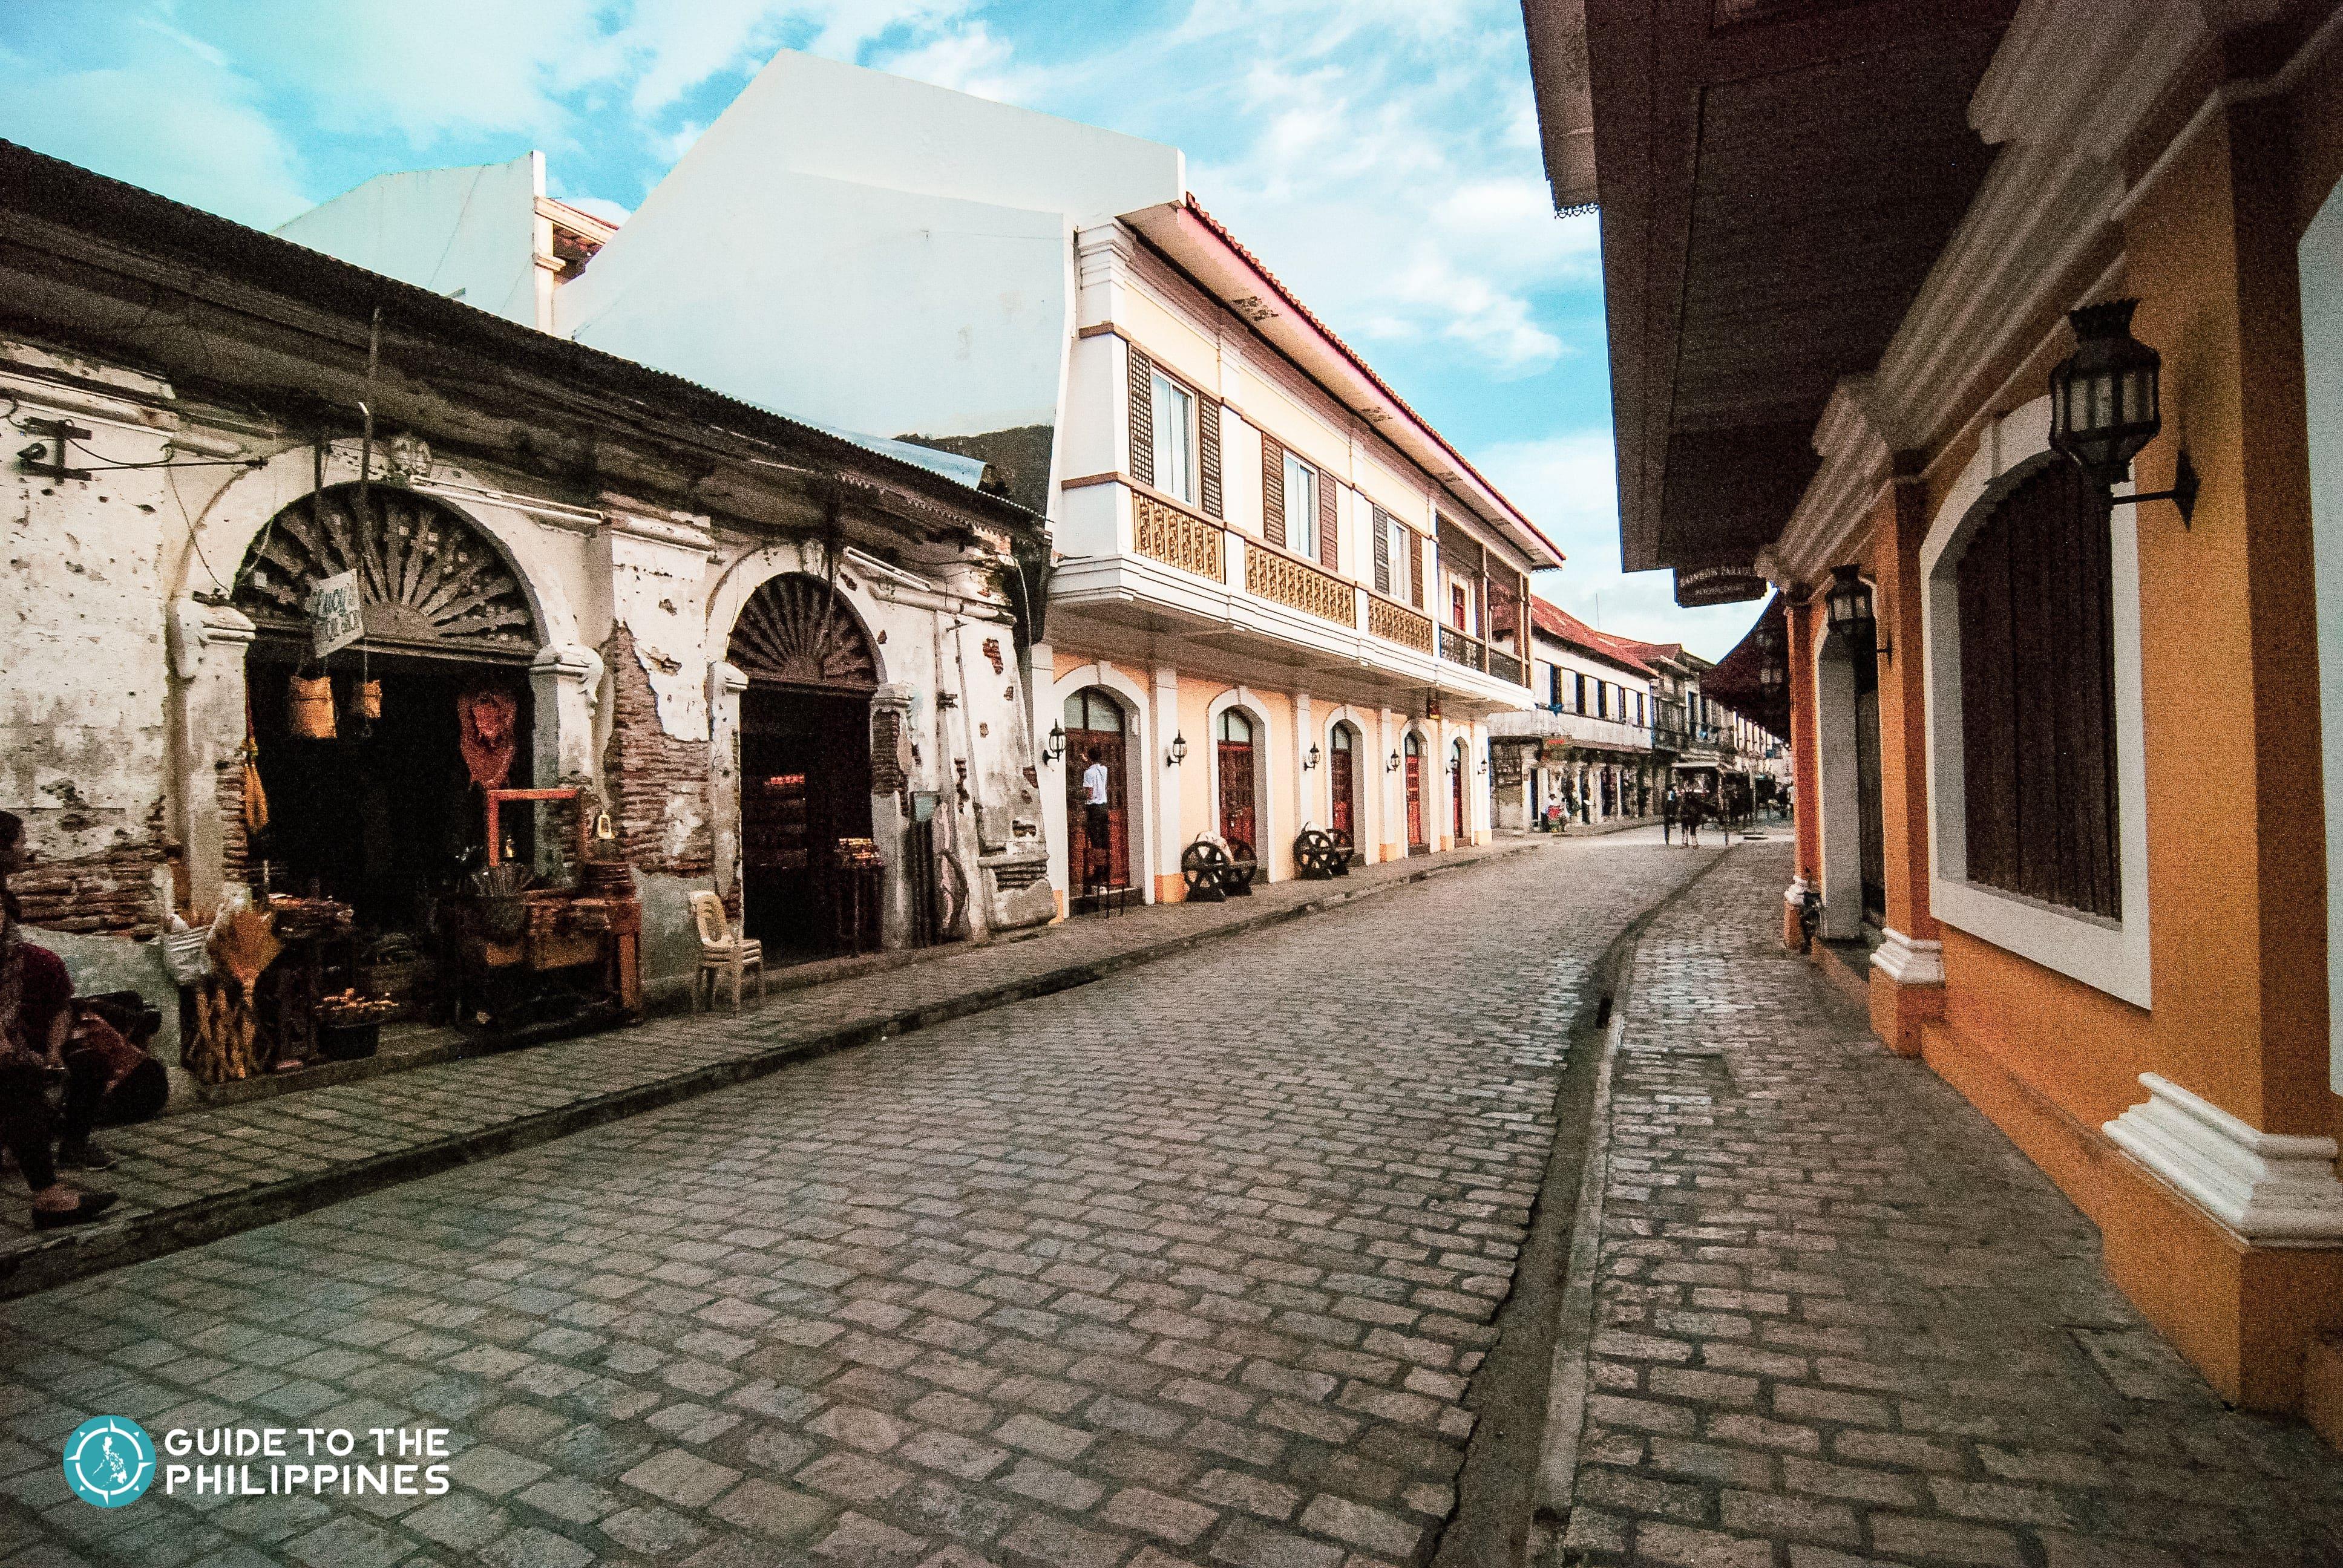 Calle Crisologo in Vigan Ilocos Sur